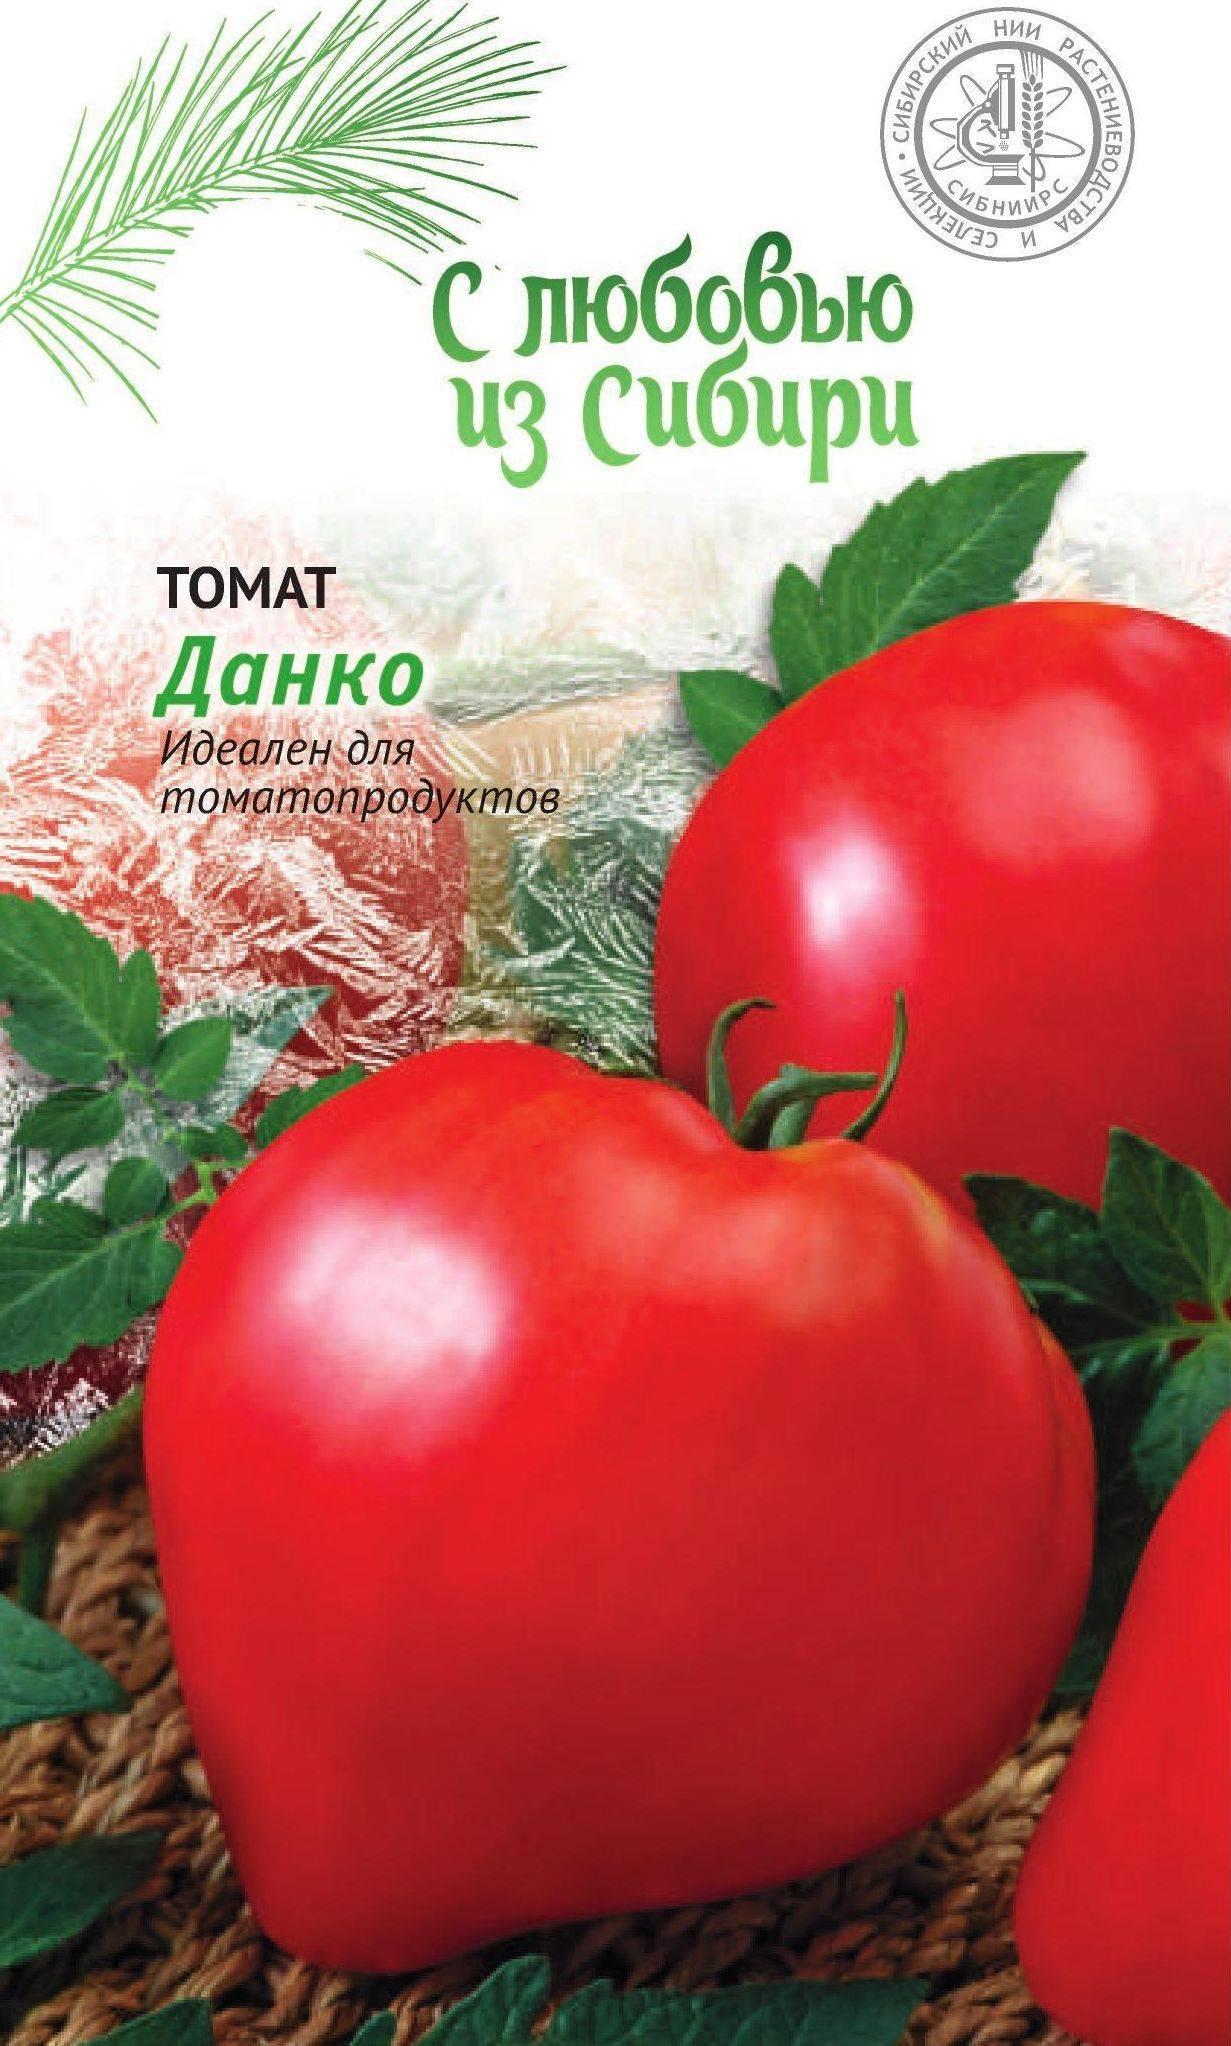 Сорт томата «данко»: описание, характеристика, посев на рассаду, подкормка, урожайность, фото, видео и самые распространенные болезни томатов